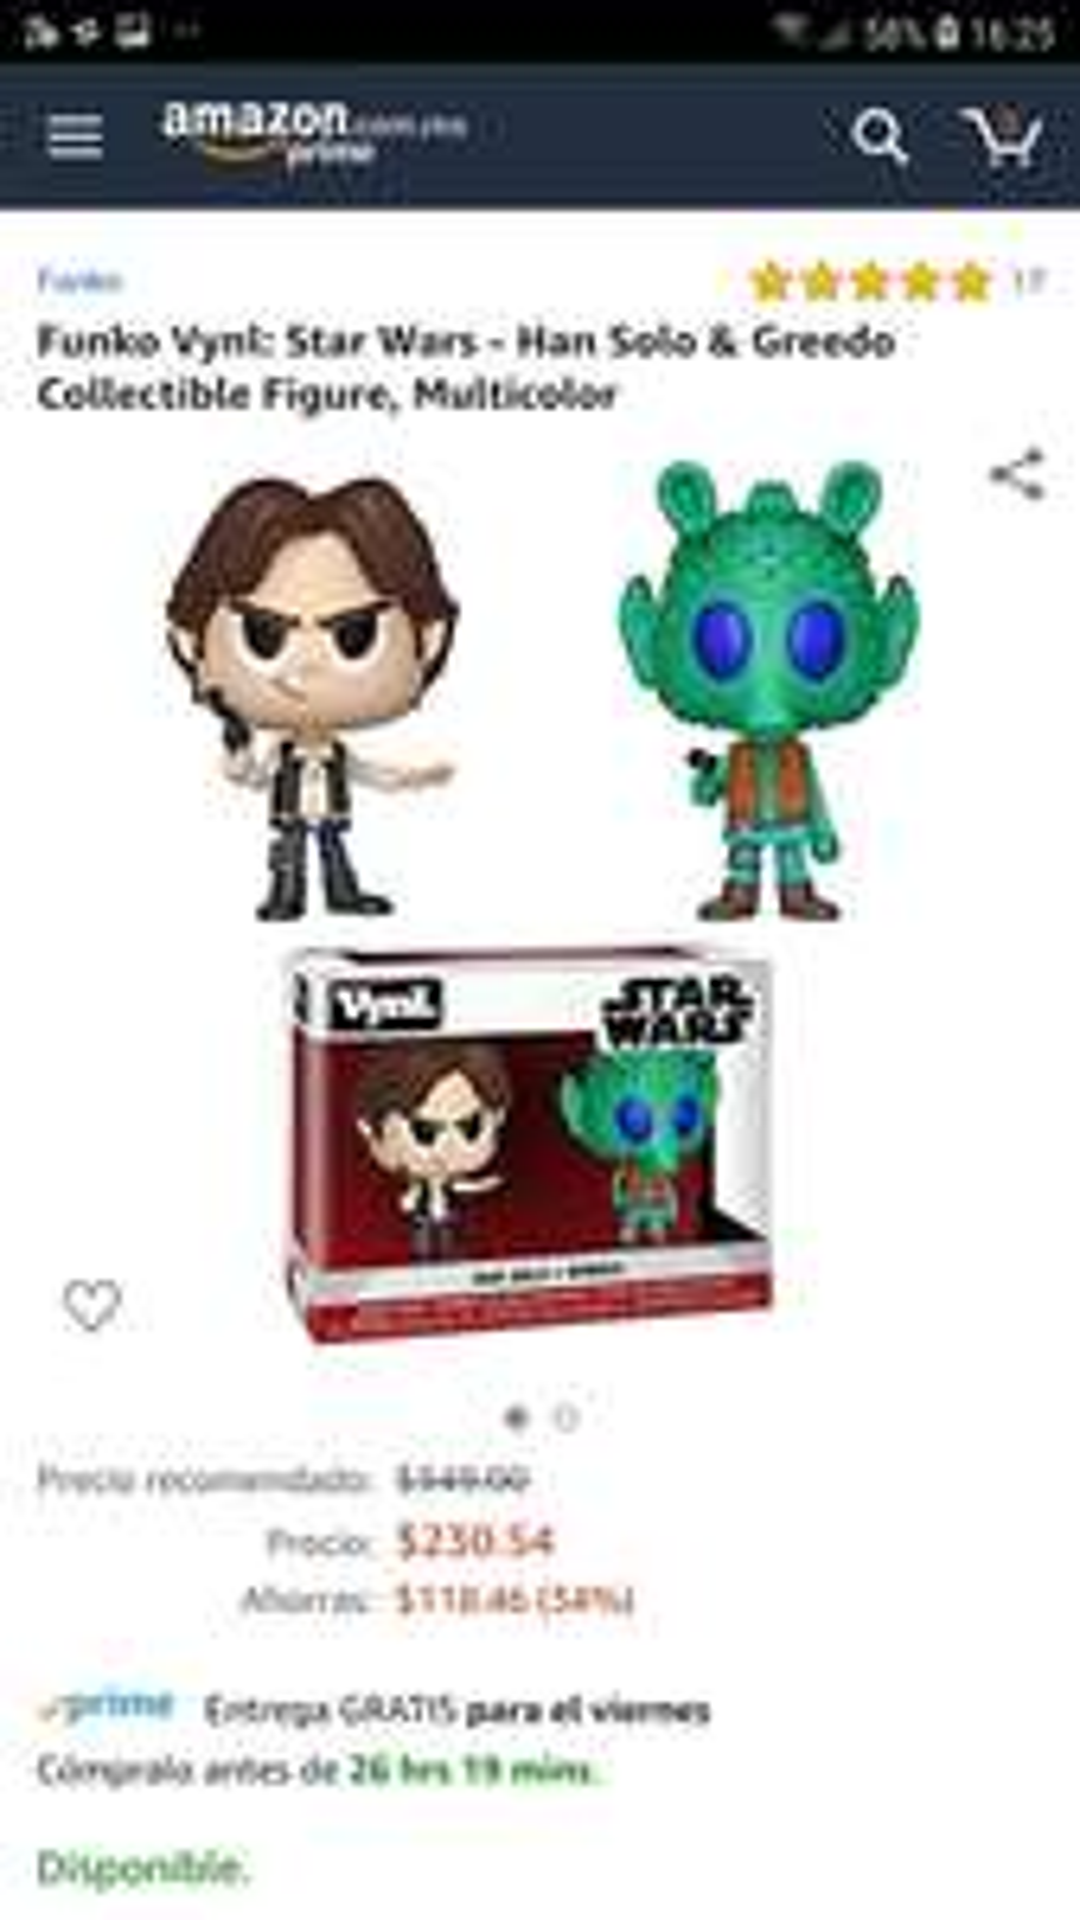 Amazon .mx Funko Vynl: Star Wars - Han Solo & Greedo Collectible Figure, Multicolor